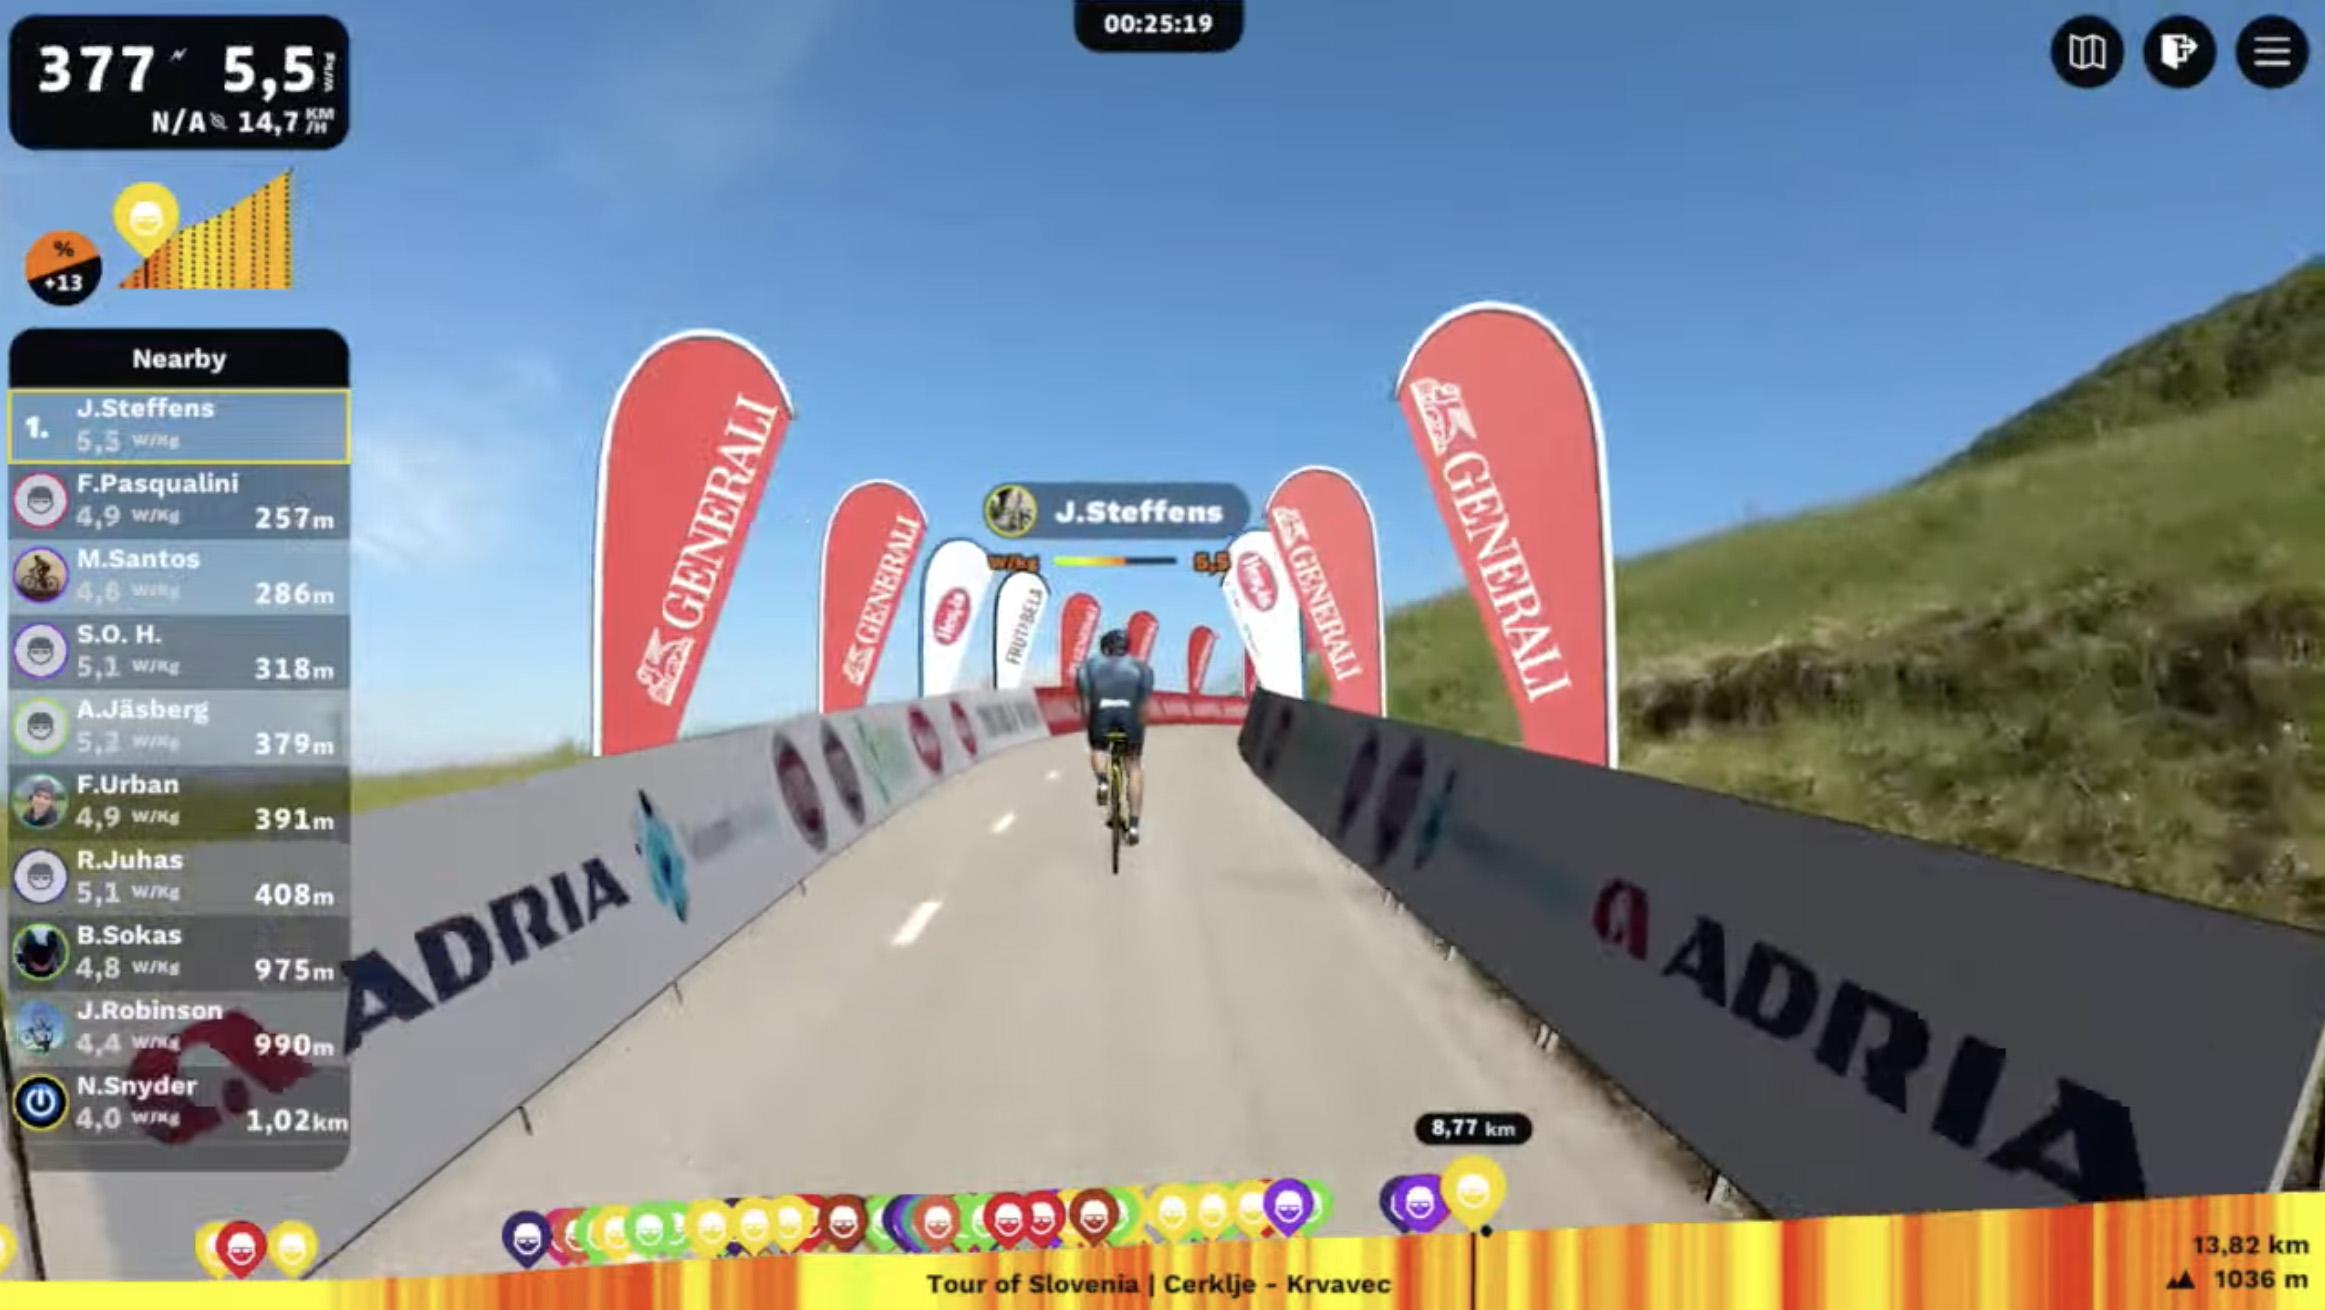 Uspešen začetek prve virtualne kolesarske dirke Po Sloveniji